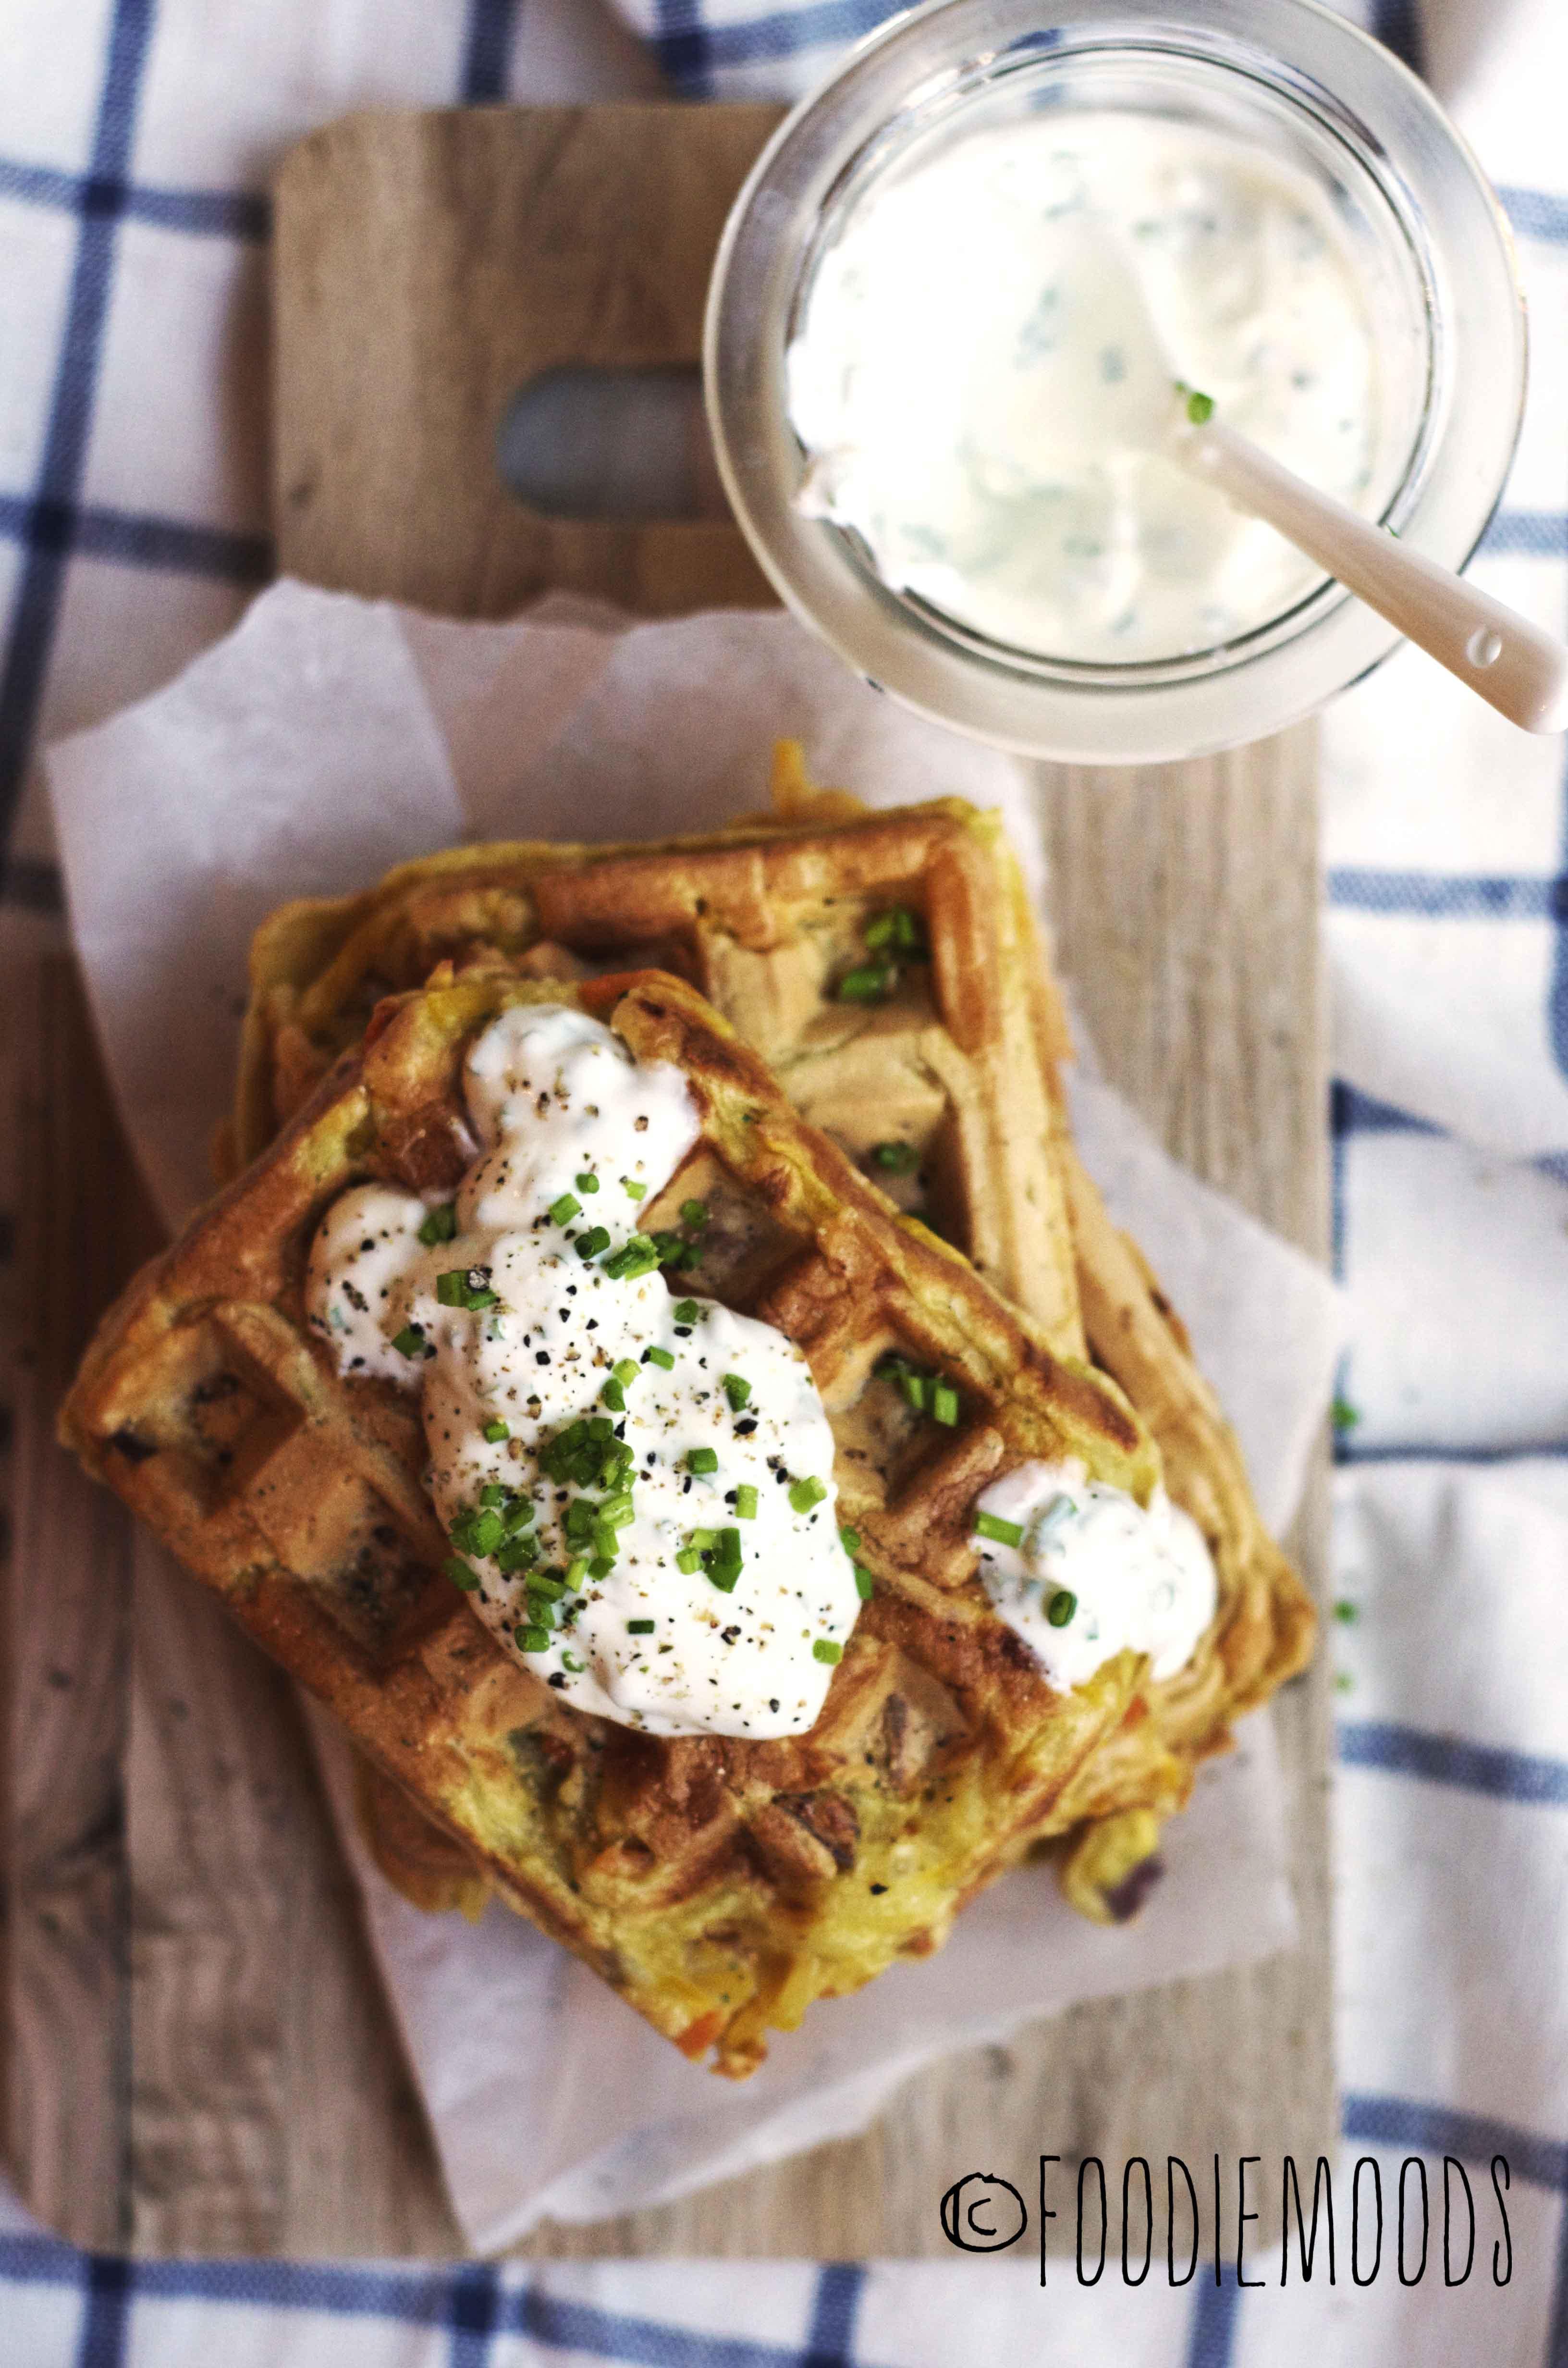 groentenwafels Okonomiyaki Miss Foodie recept foodiemoods